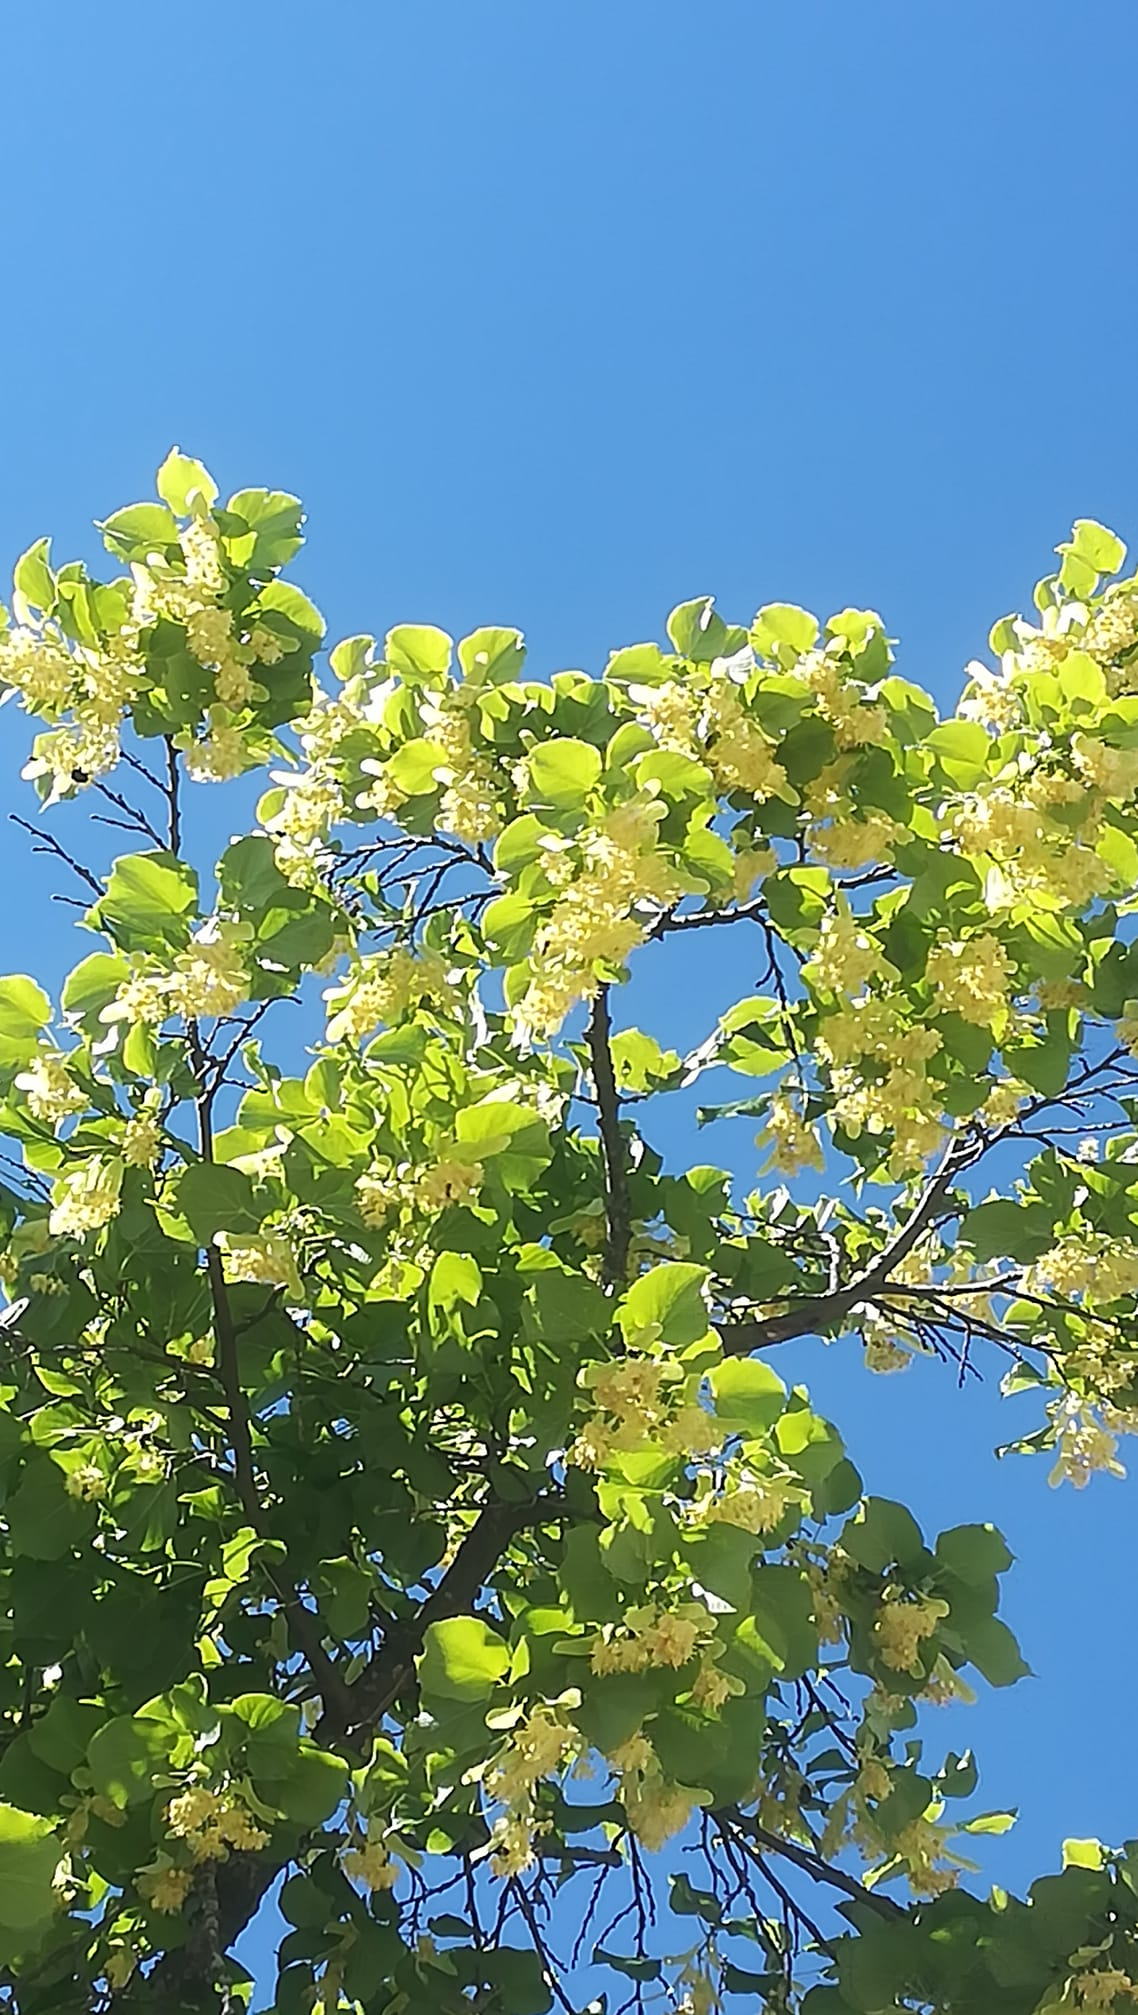 Auringossa kylpeviiä vihreitä ja kukassa olevia puun oksia ja lehtiä.